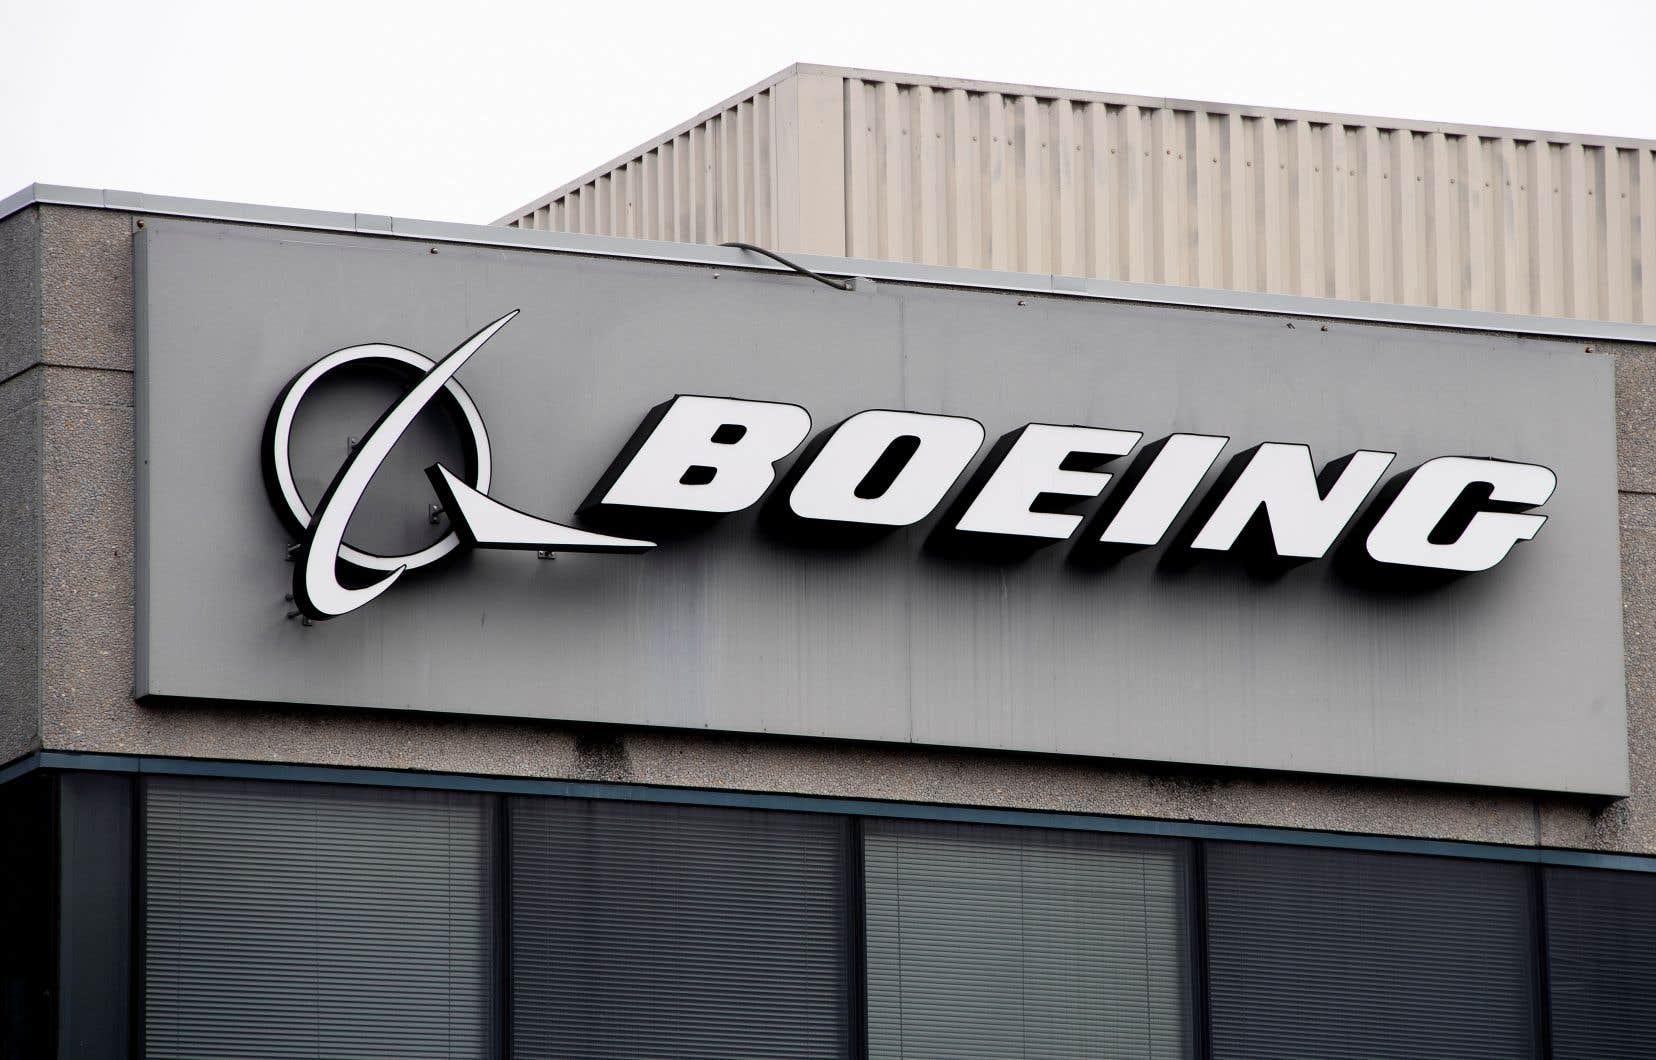 Dans une consigne adressée aux équipages, Boeing expliquait qu'une erreur de la sonde AOA pouvait conduire le MCAS à mettre brutalement l'avion en «piqué» (nez vers le sol).